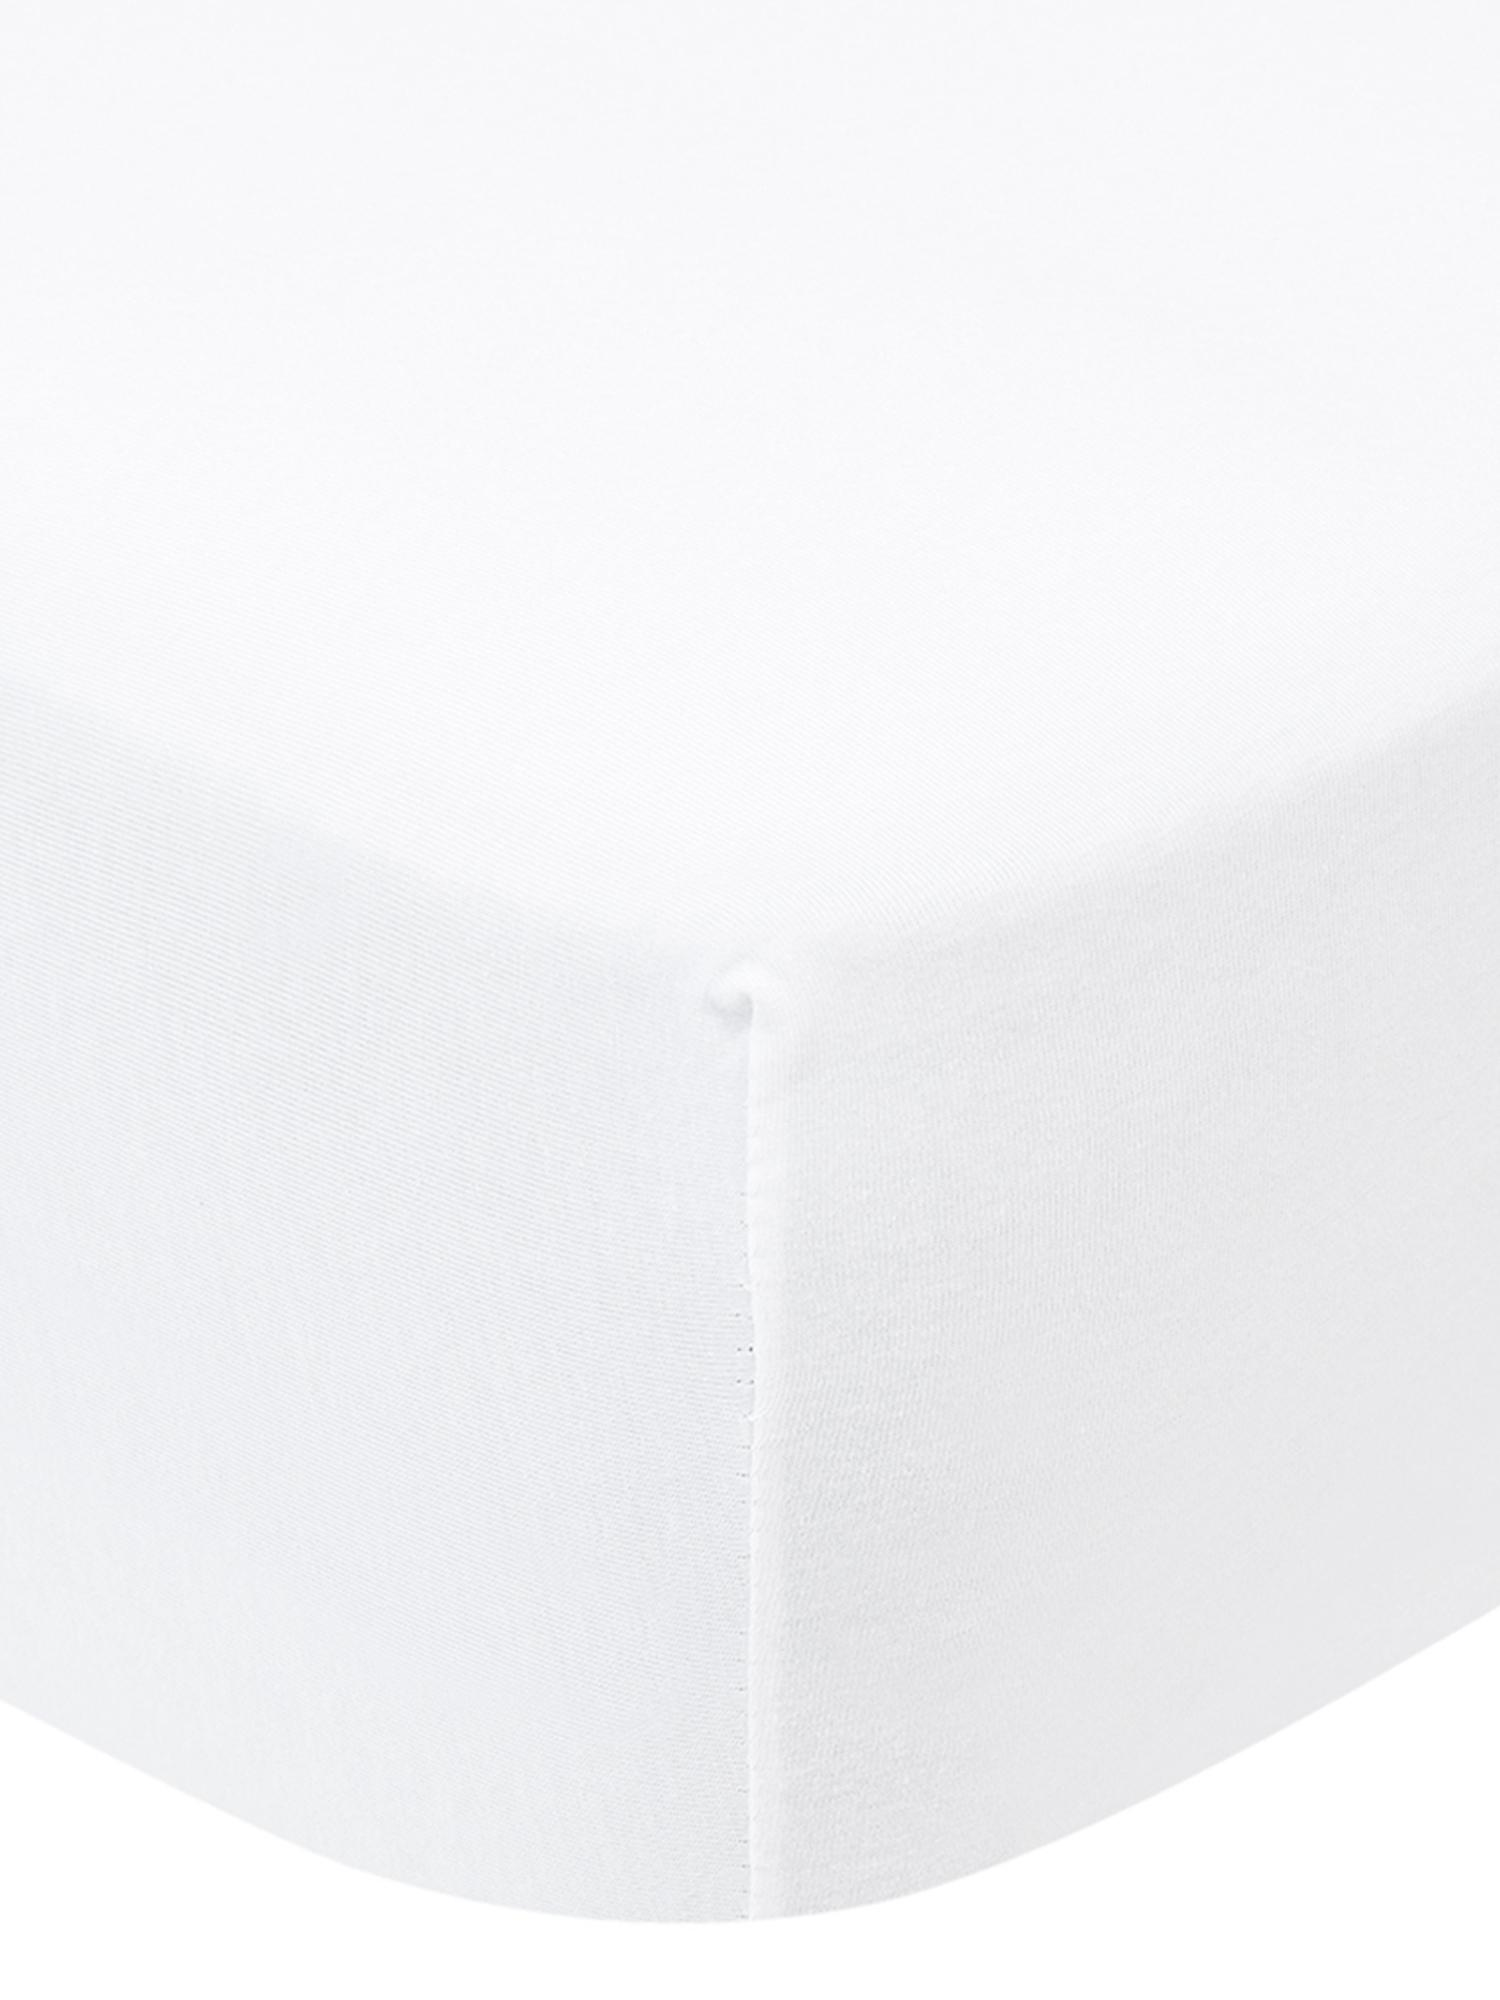 Prześcieradło z gumką z jerseyu Lara, 95% bawełna, 5% elastan, Biały, S 180 x D 200 cm